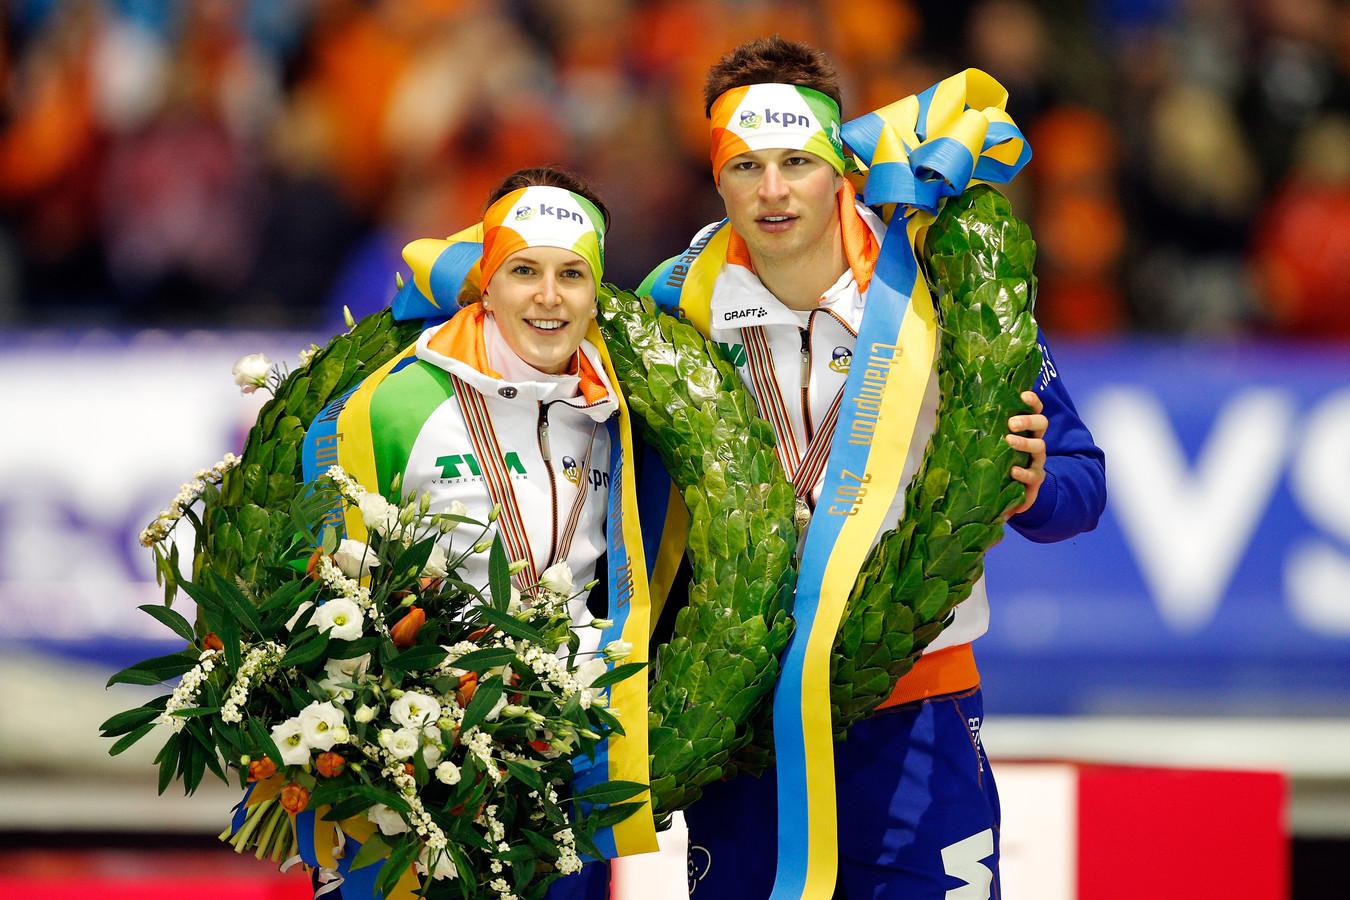 Nederlandse schaatsers veroverden de afgelopen decennia talloze successen in schaatstempel Thialf.